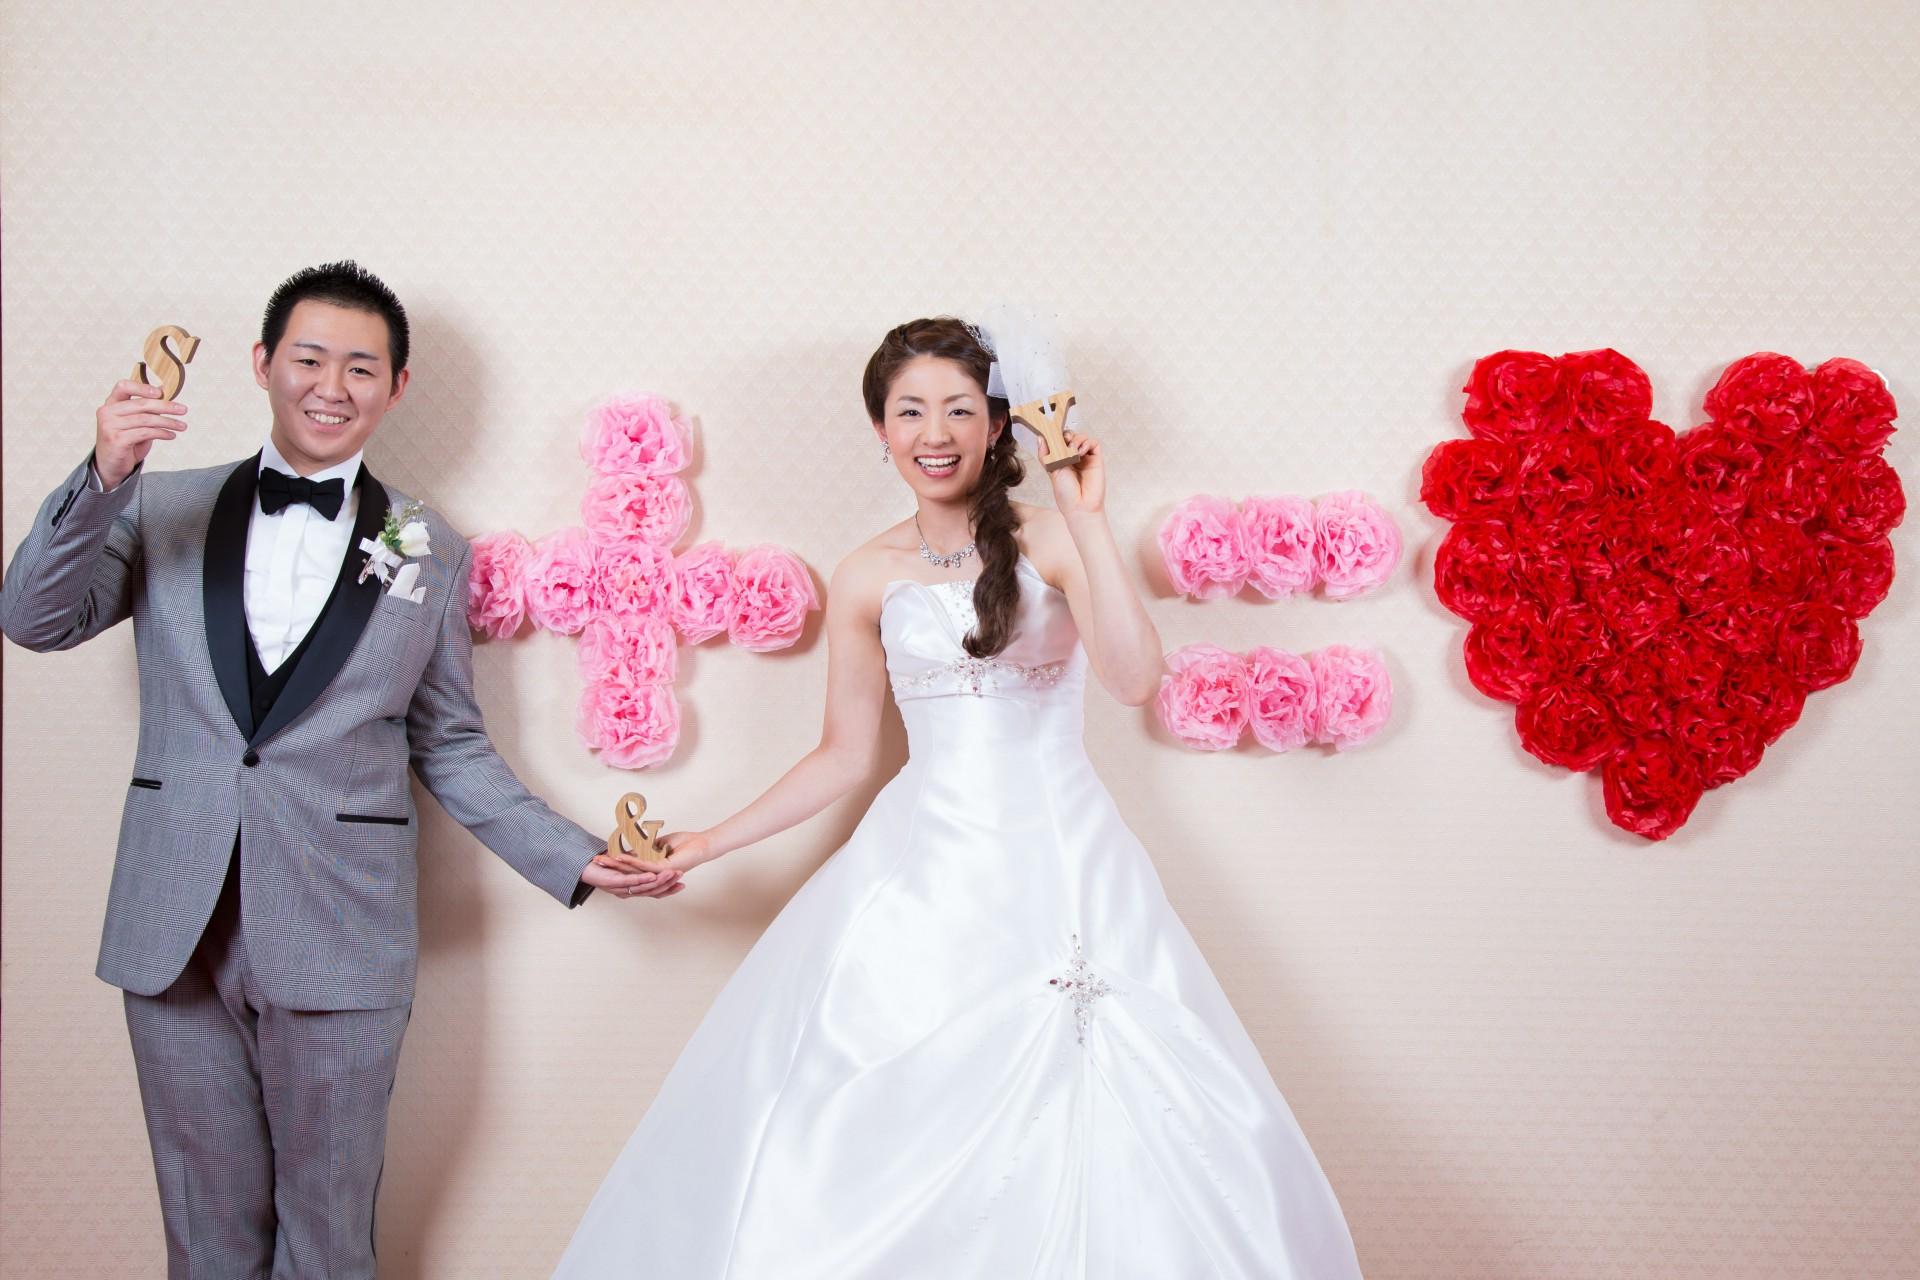 レンブラントホテル大分 ウエディング ブライダル 結婚式 挙式 披露宴 会場 チャペル 新郎 新婦 カップル サプライズ 演出 料理 こだわり プランナー 装花 キャンドルサービス